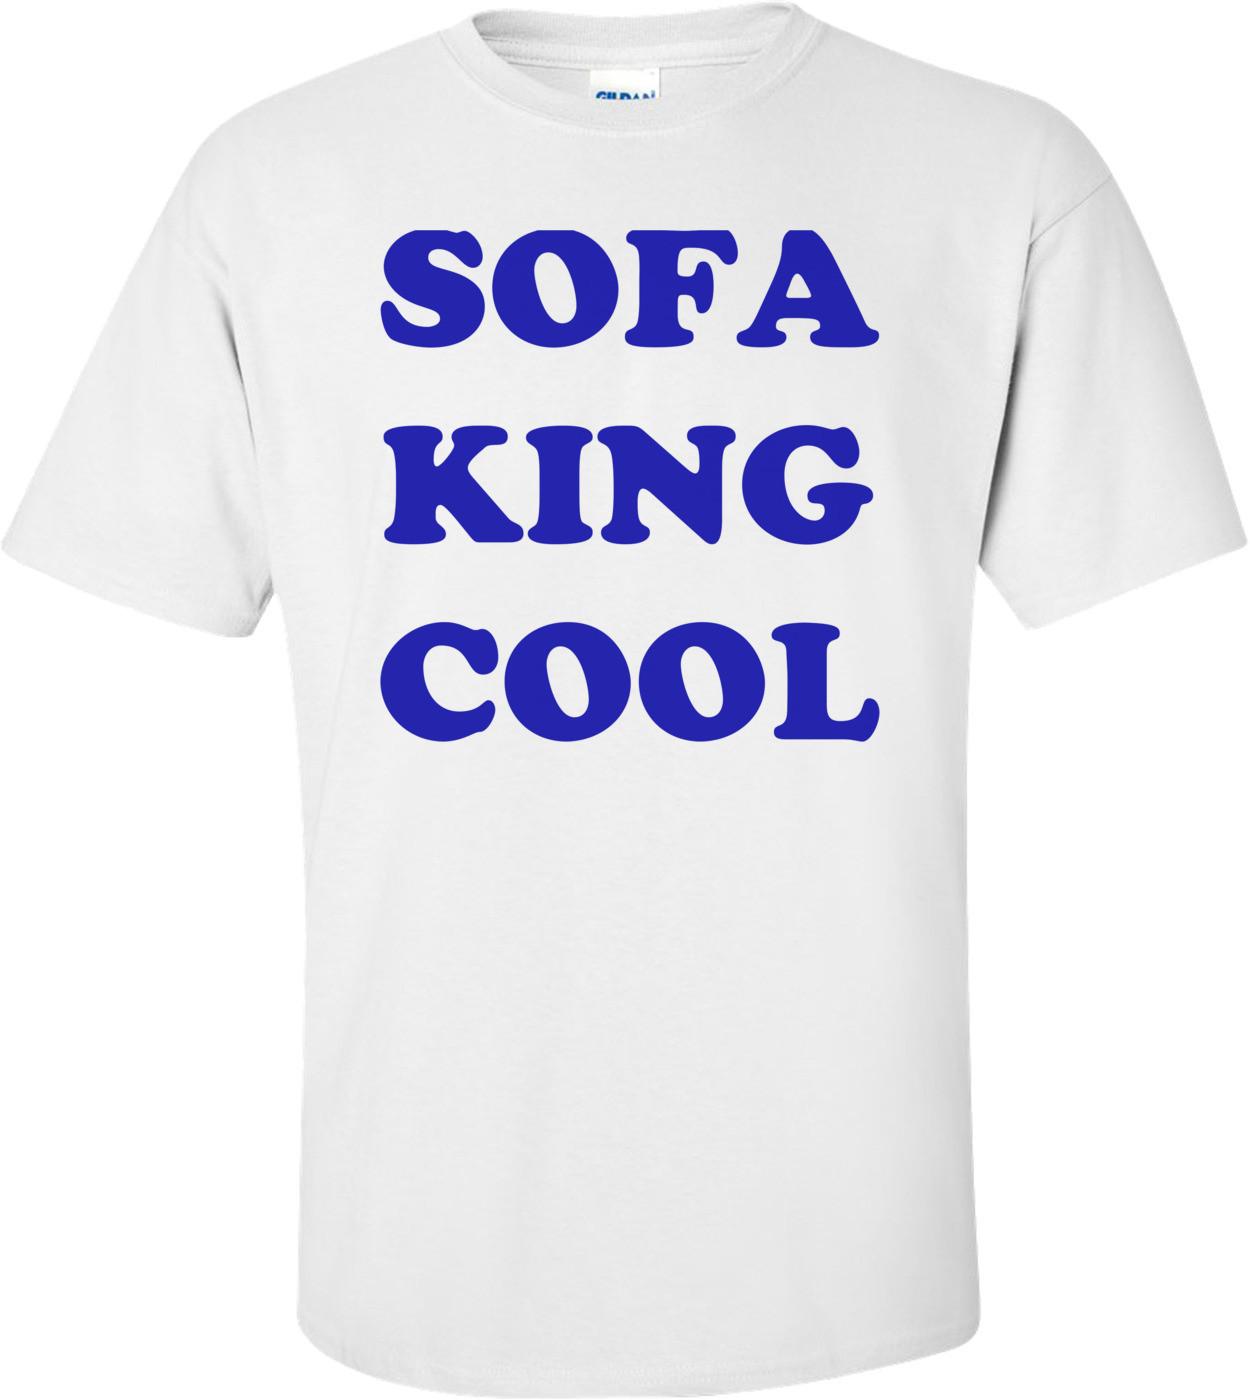 Sofa King Fast Racing: SOFA KING COOL Shirt